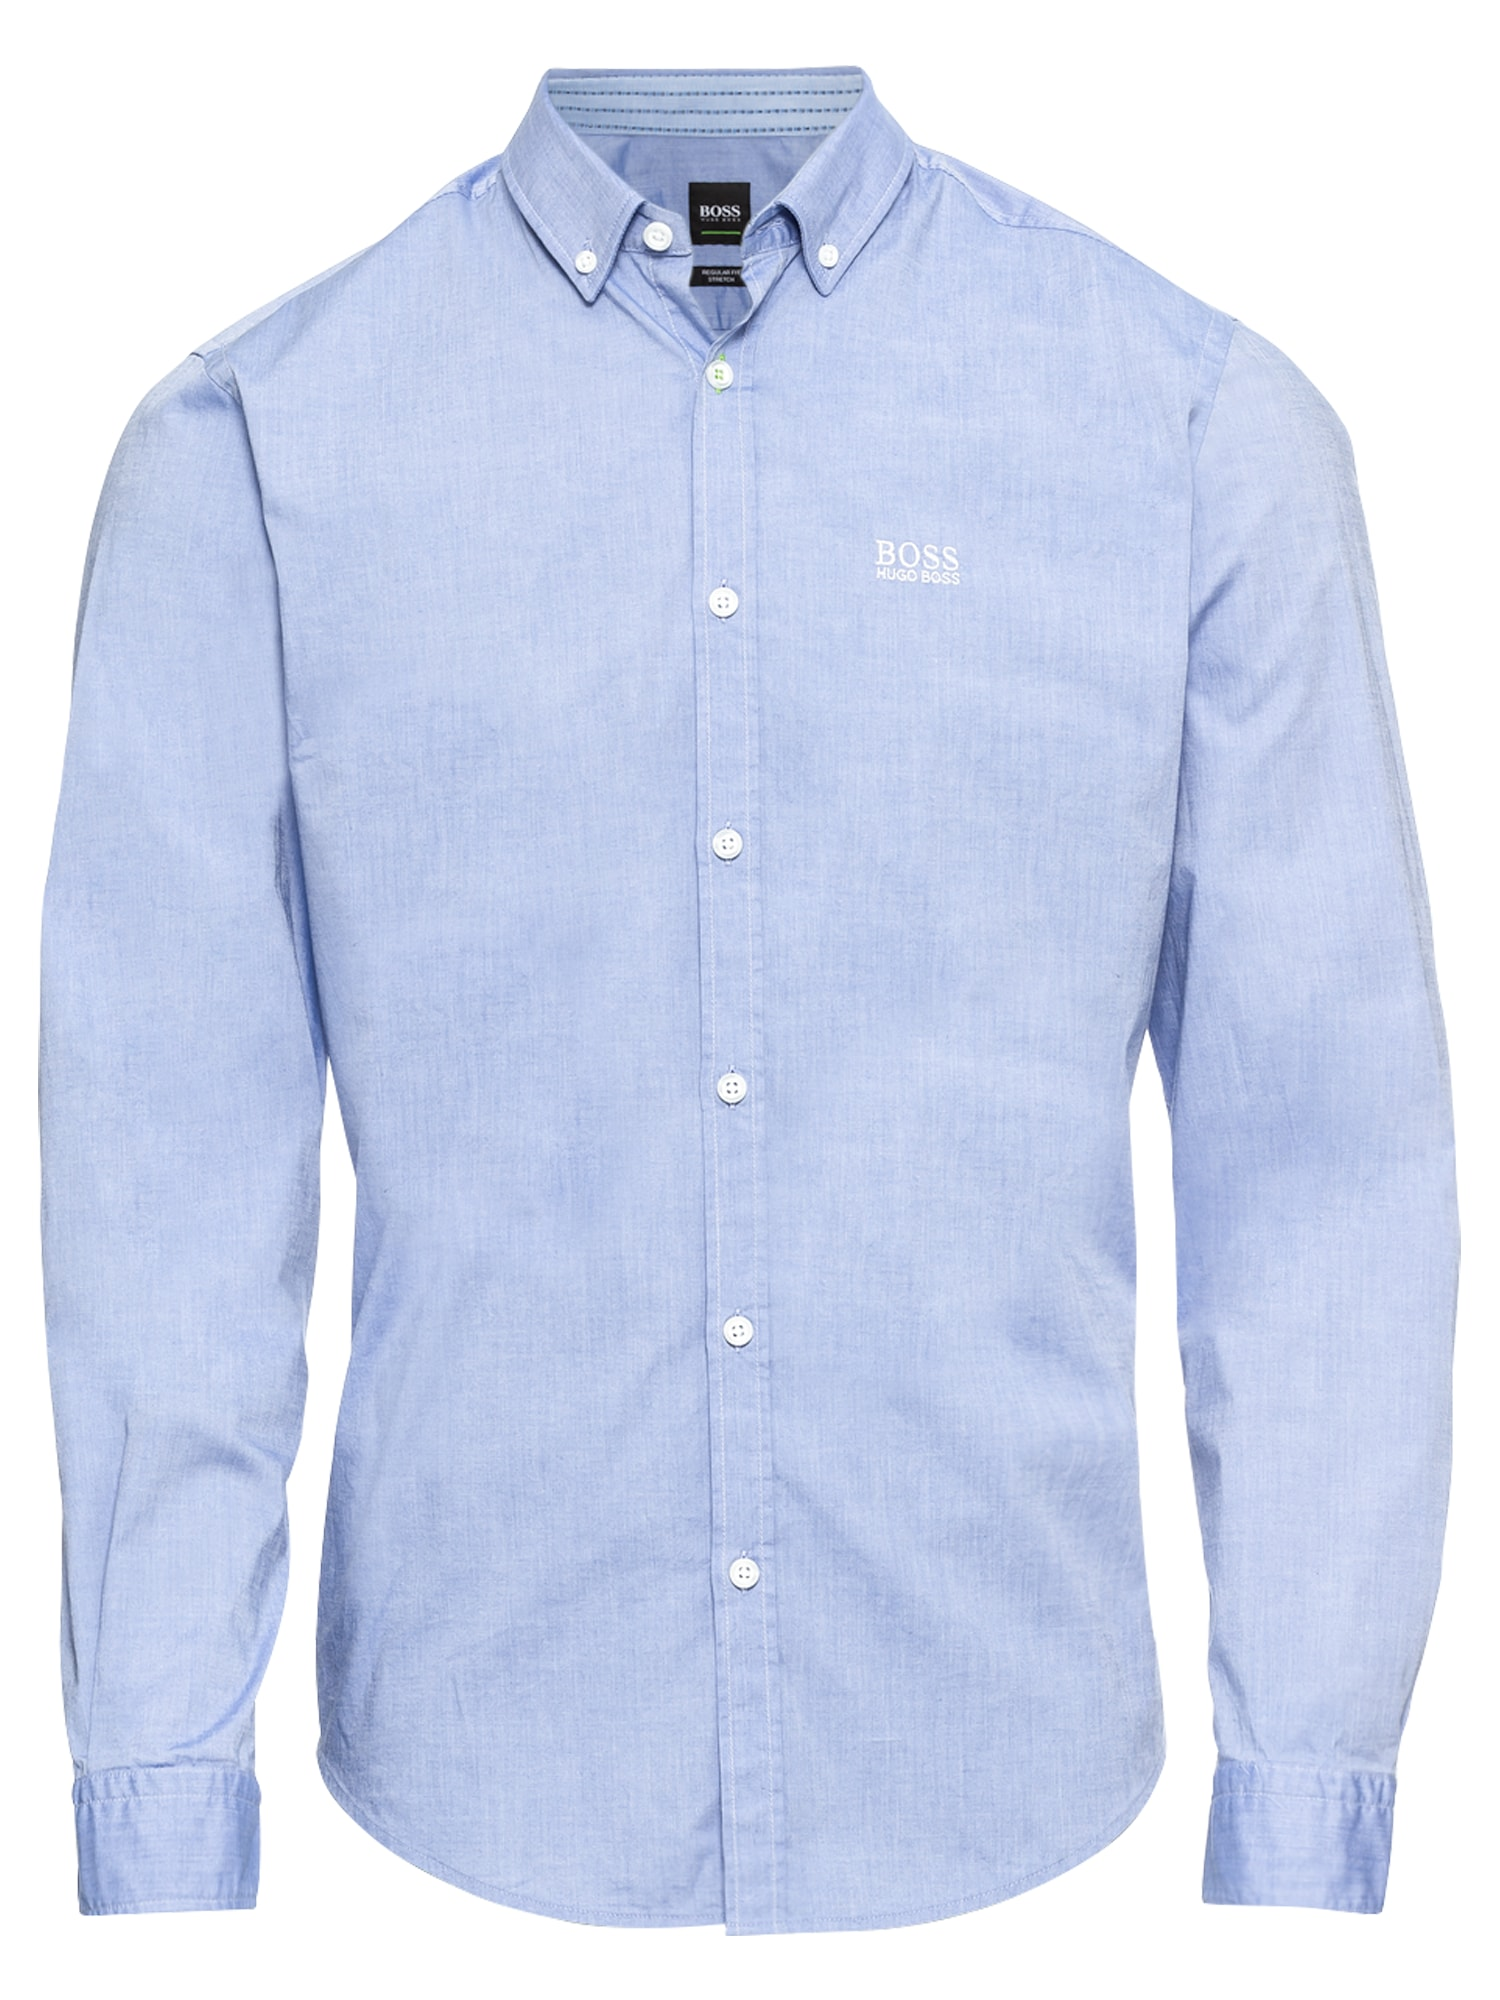 Společenská košile BIADO_R 10205714 02 modrá BOSS